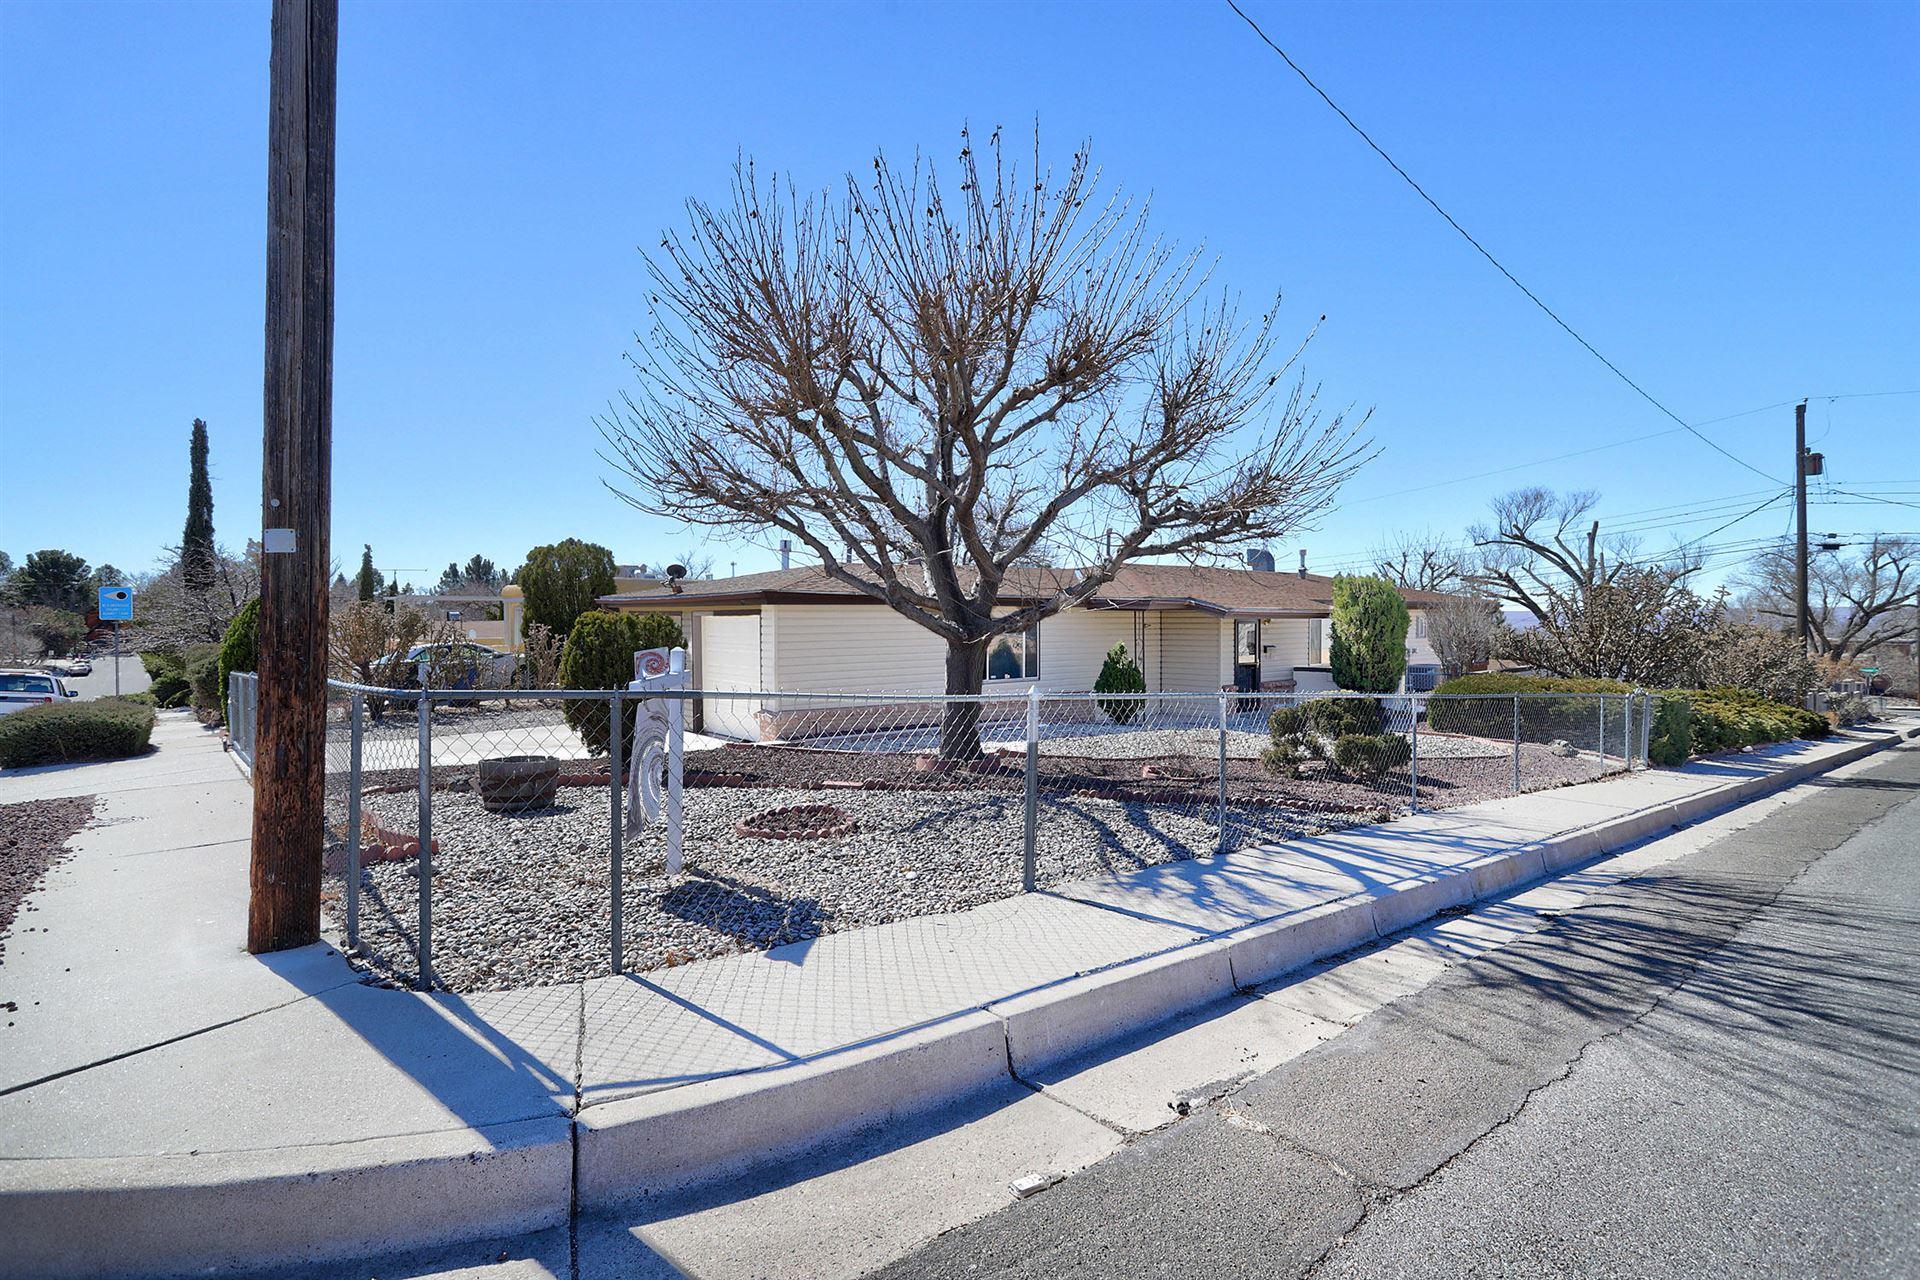 1701 VASSAR Drive SE, Albuquerque, NM 87106 - MLS#: 985976